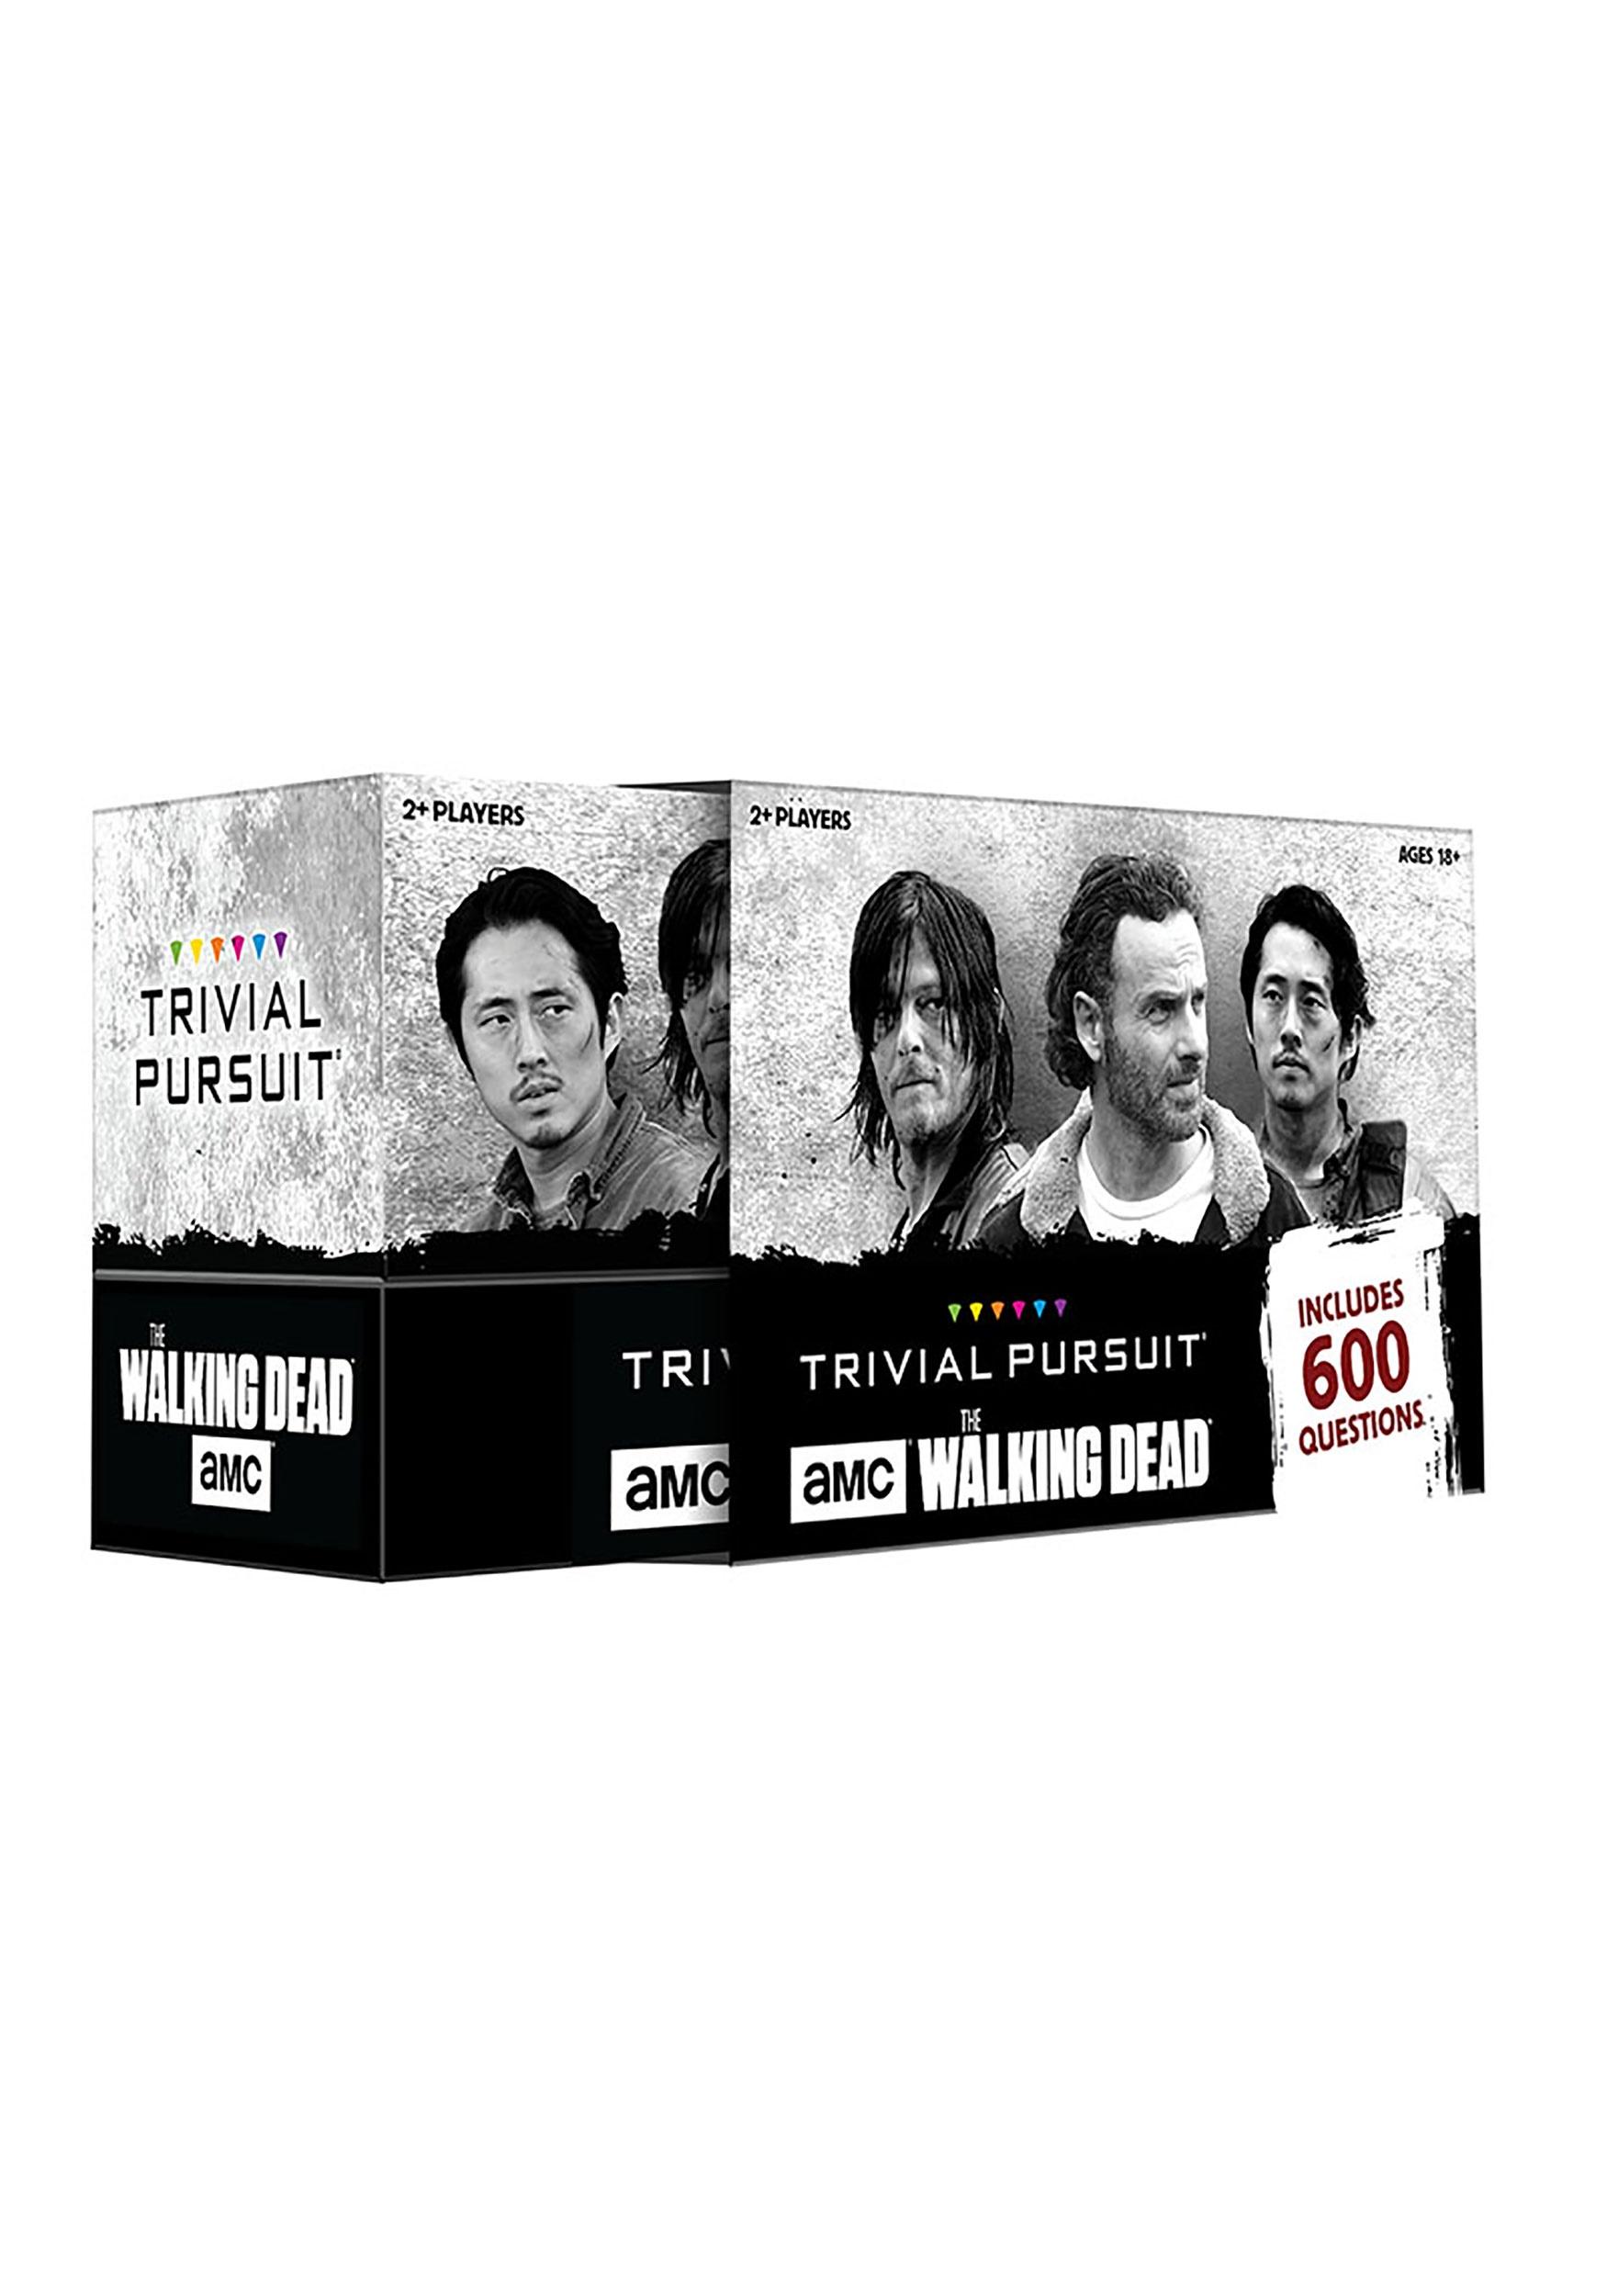 TRIVIAL PURSUIT The Walking Dead AMC Edition